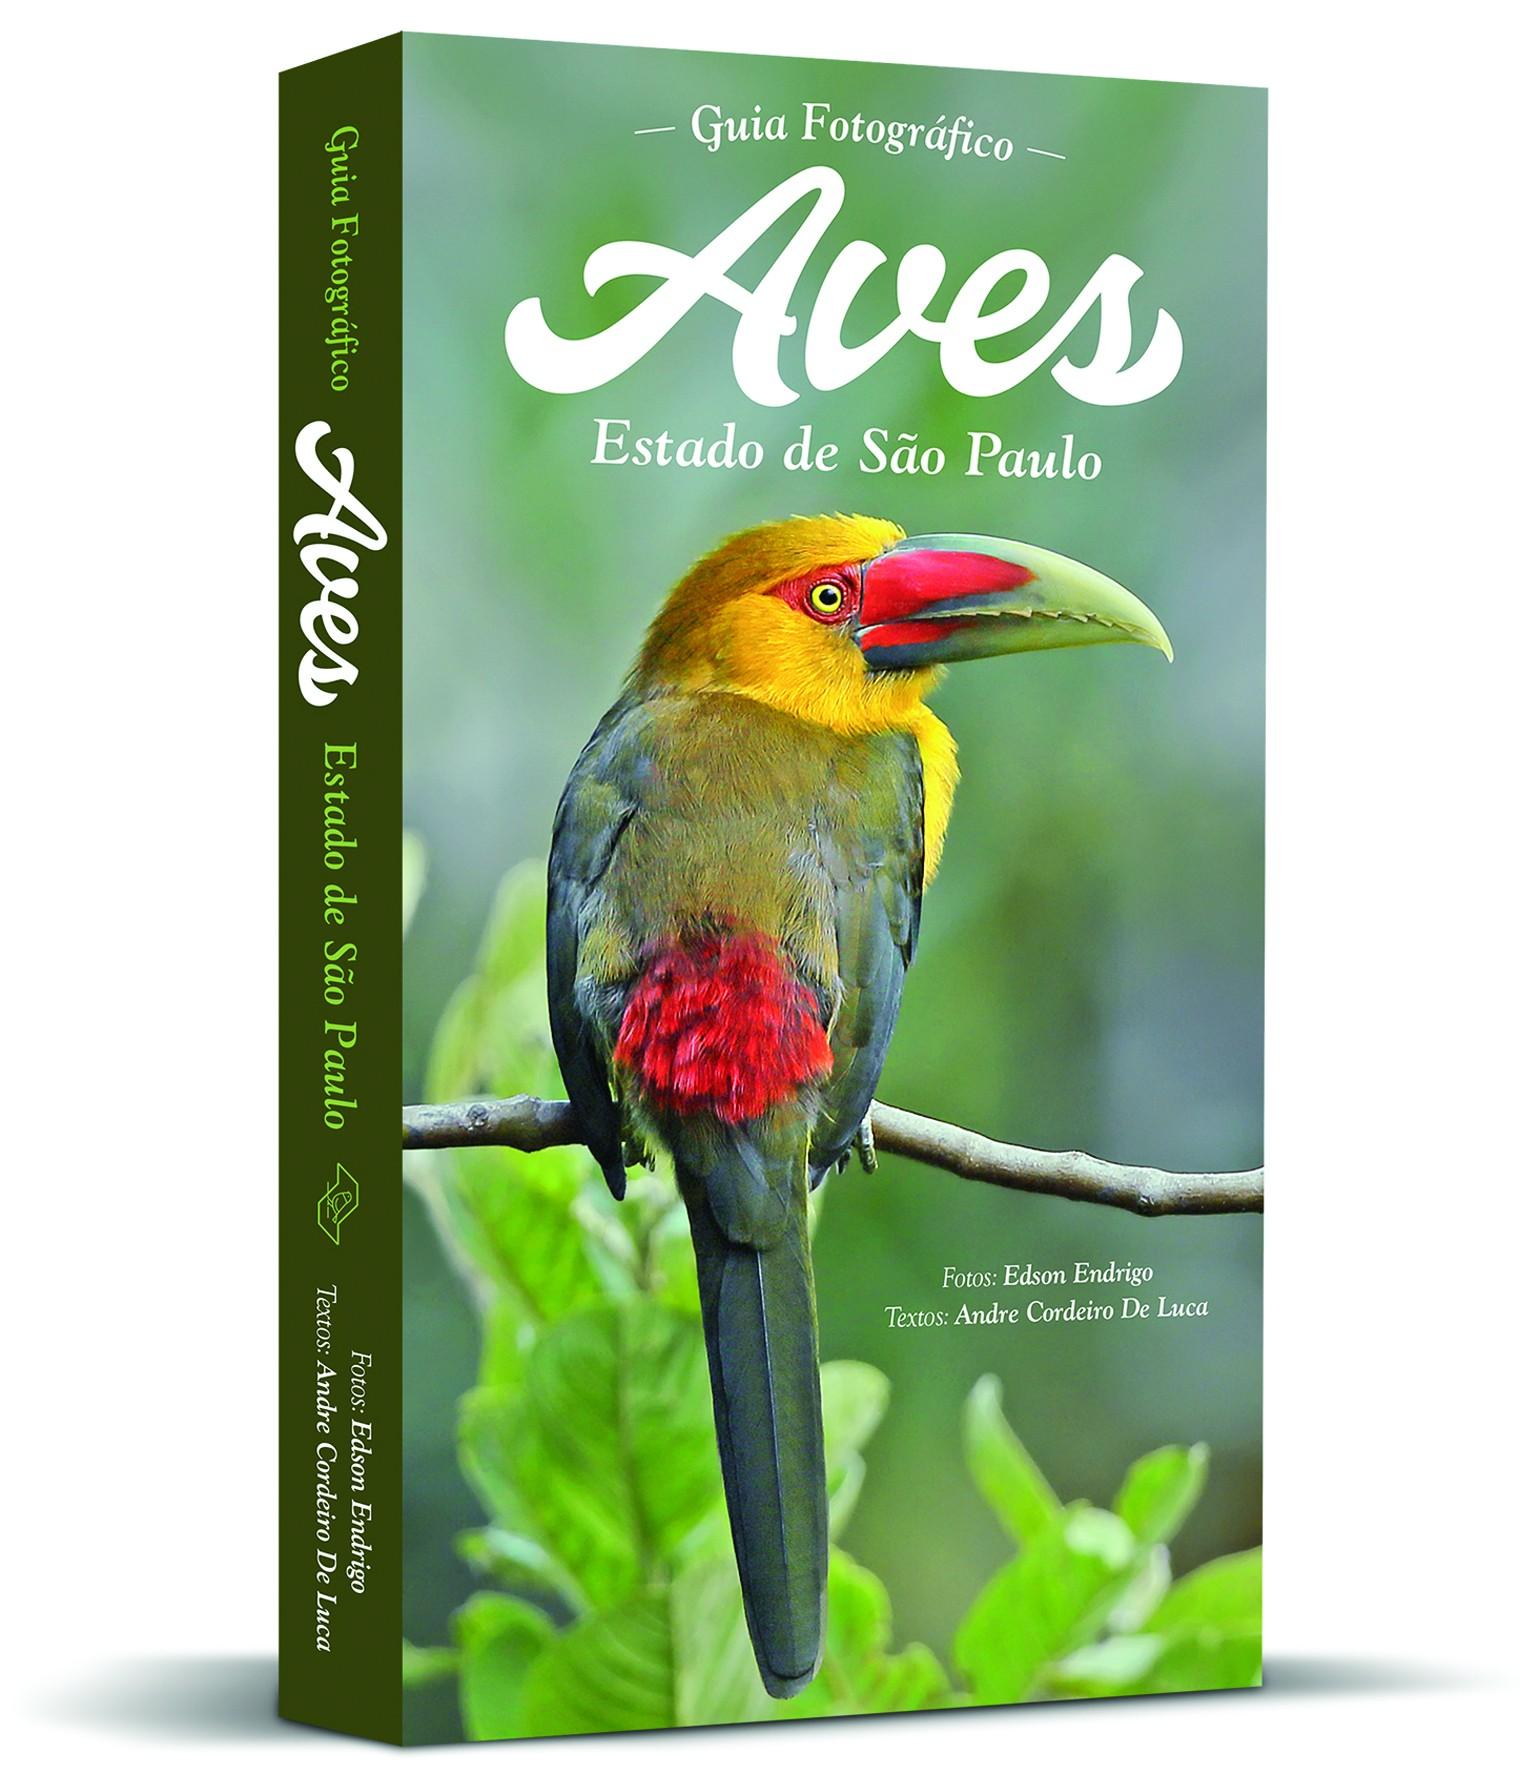 Fotógrafo e guia de observação lançam livro sobre aves do estado de São Paulo